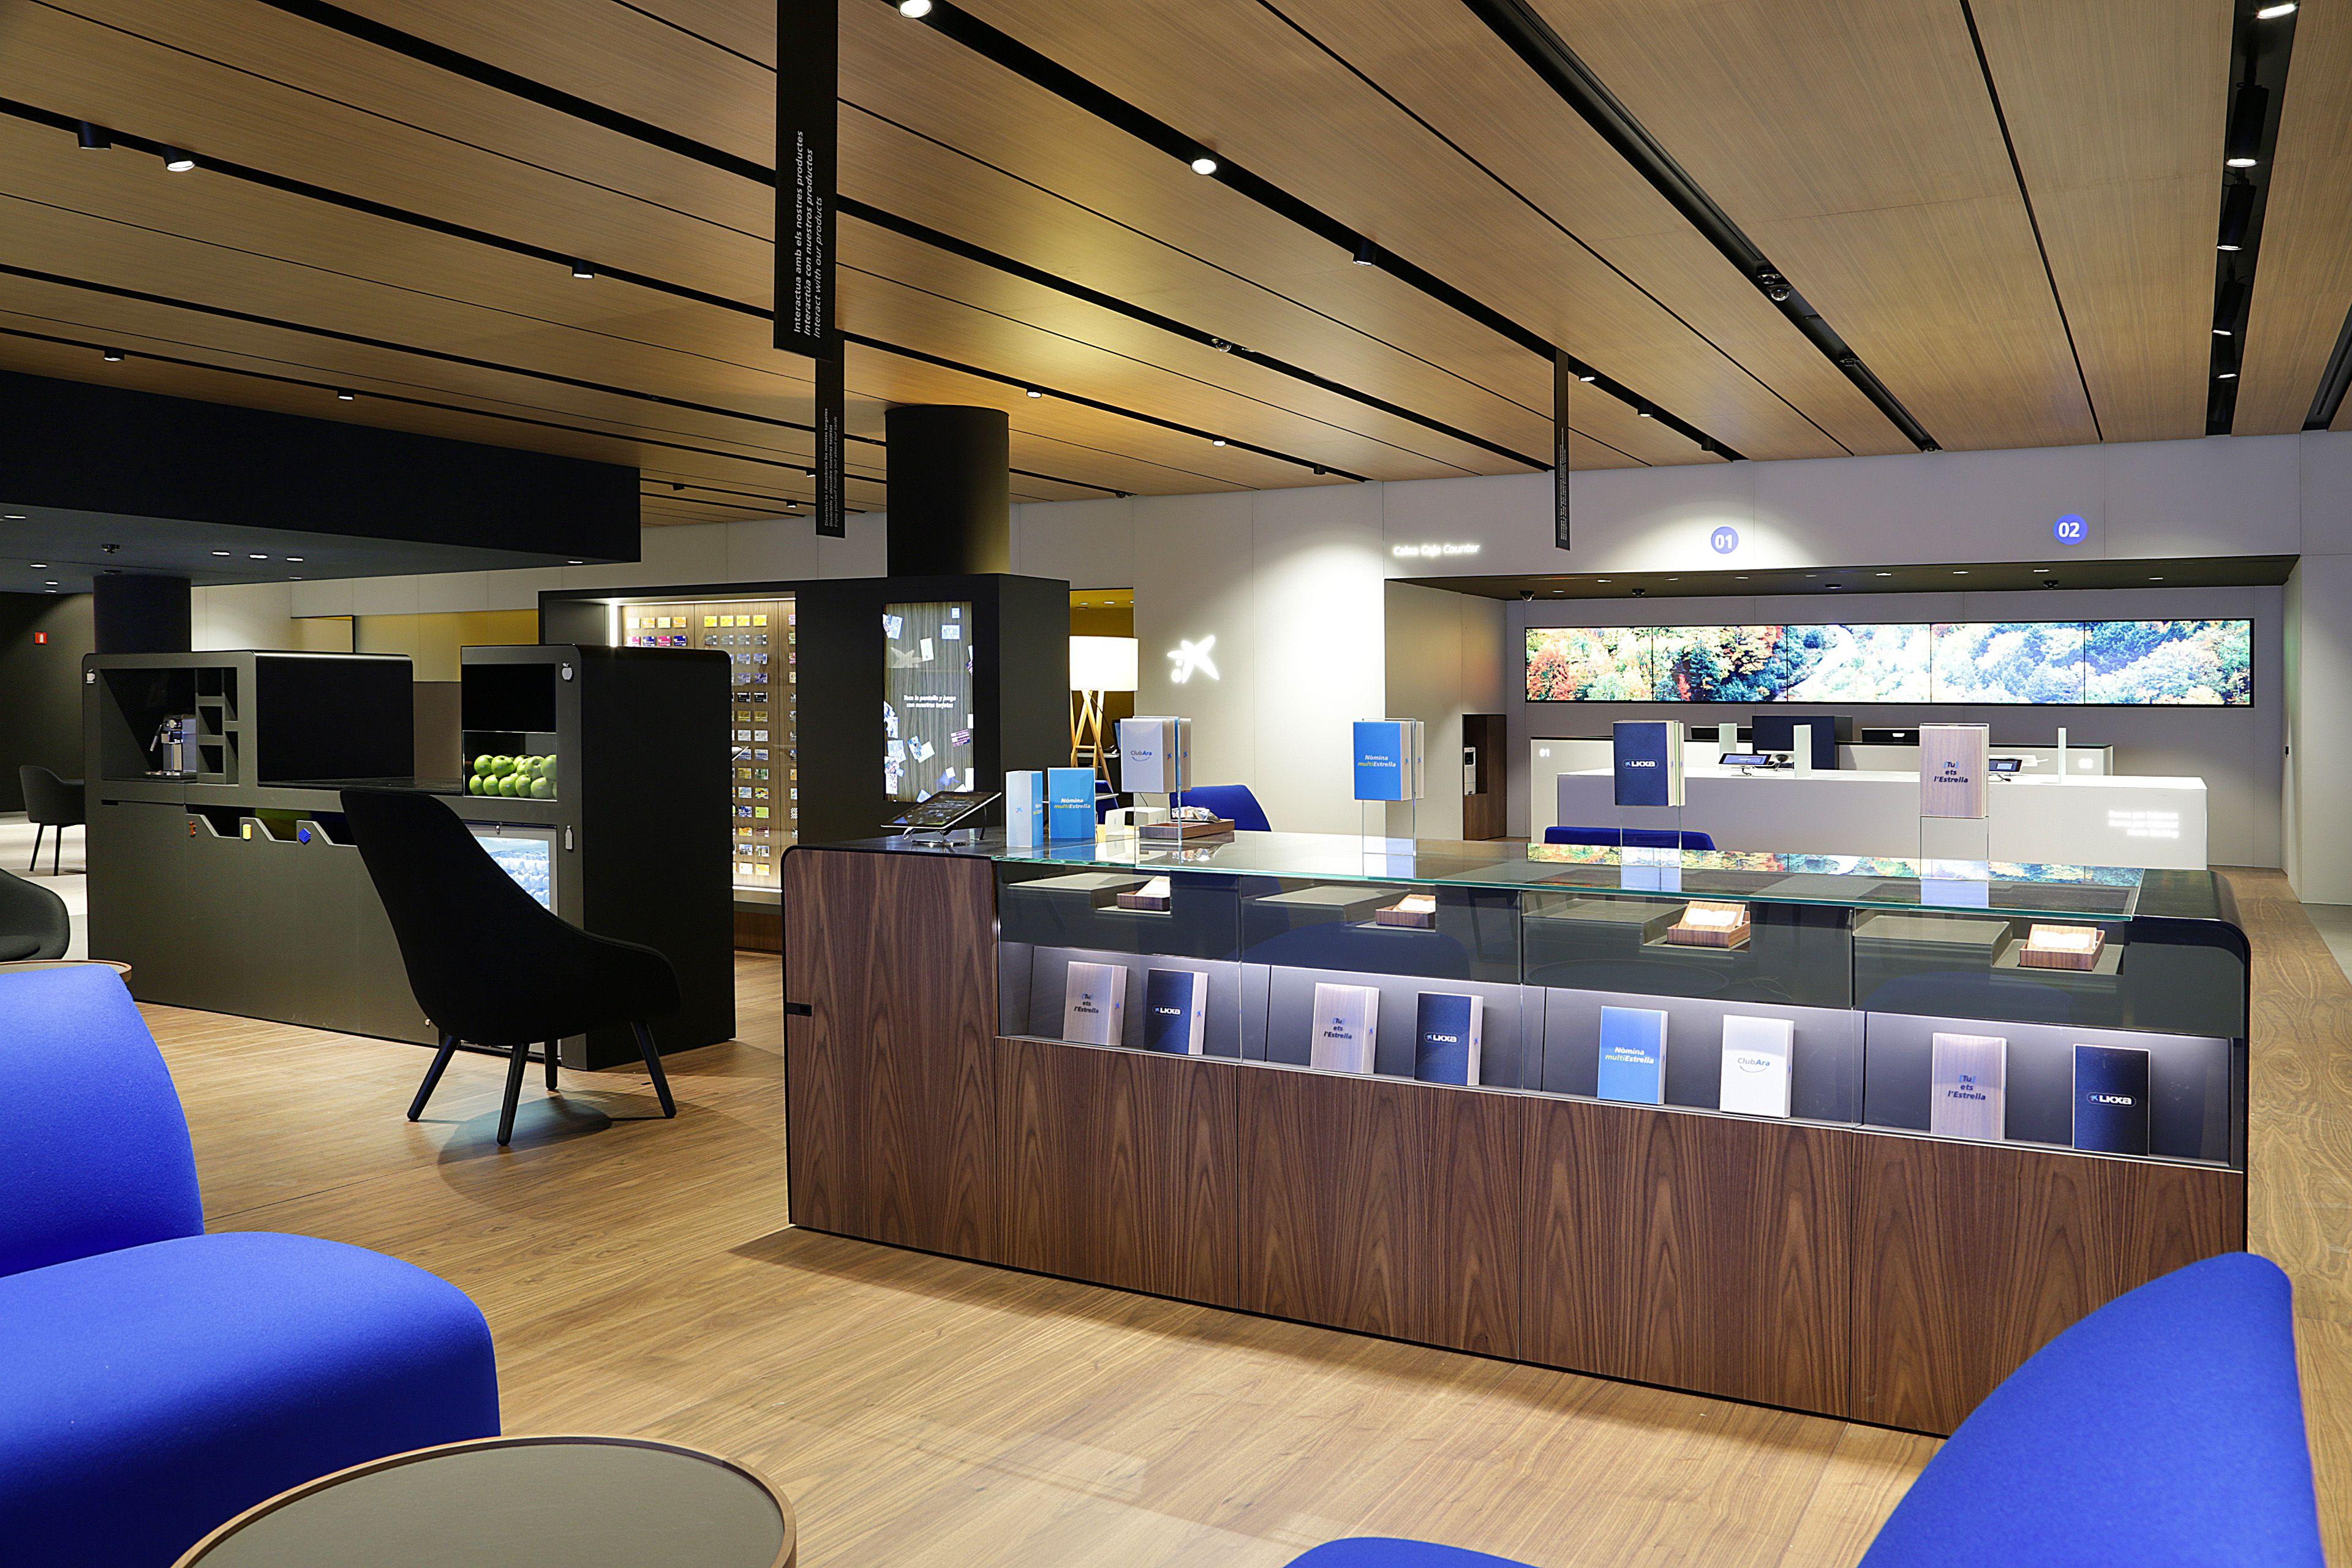 Pin de caixabank en oficina a conference room room y for Caixa de catalunya oficinas